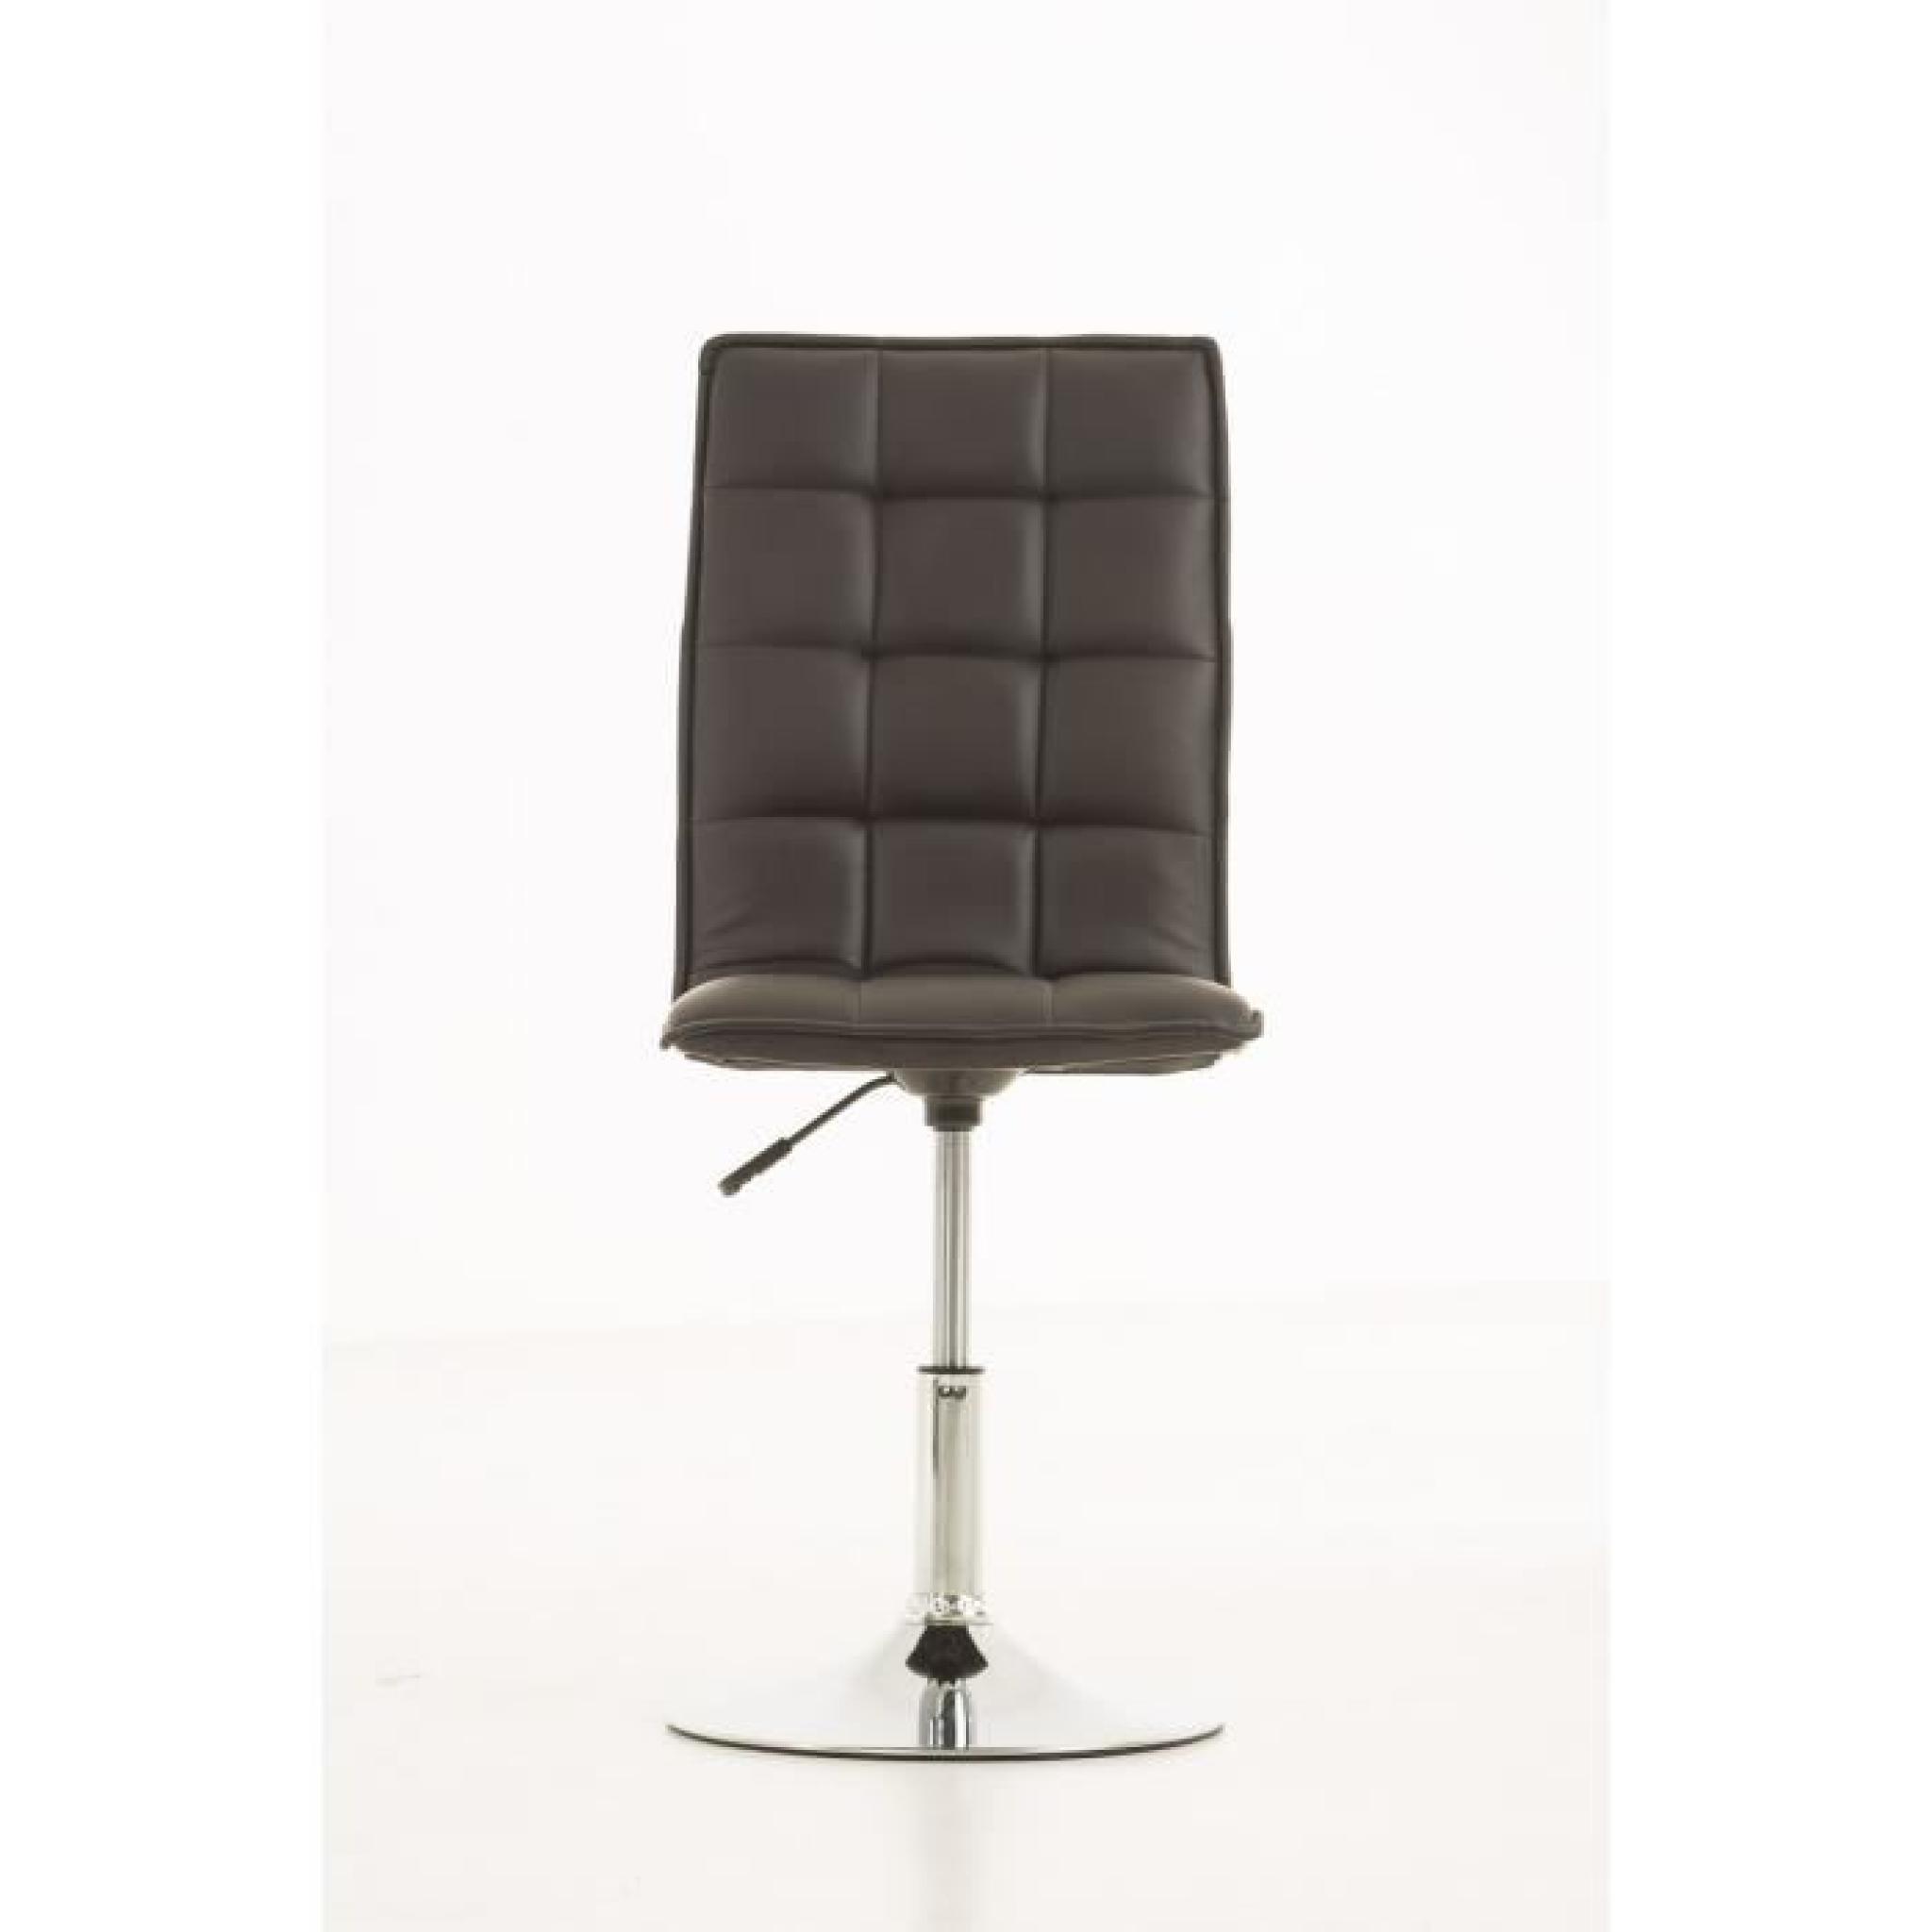 clp chaise de salle manger r glable en hauteur peking avec pi tement en chrome optique. Black Bedroom Furniture Sets. Home Design Ideas